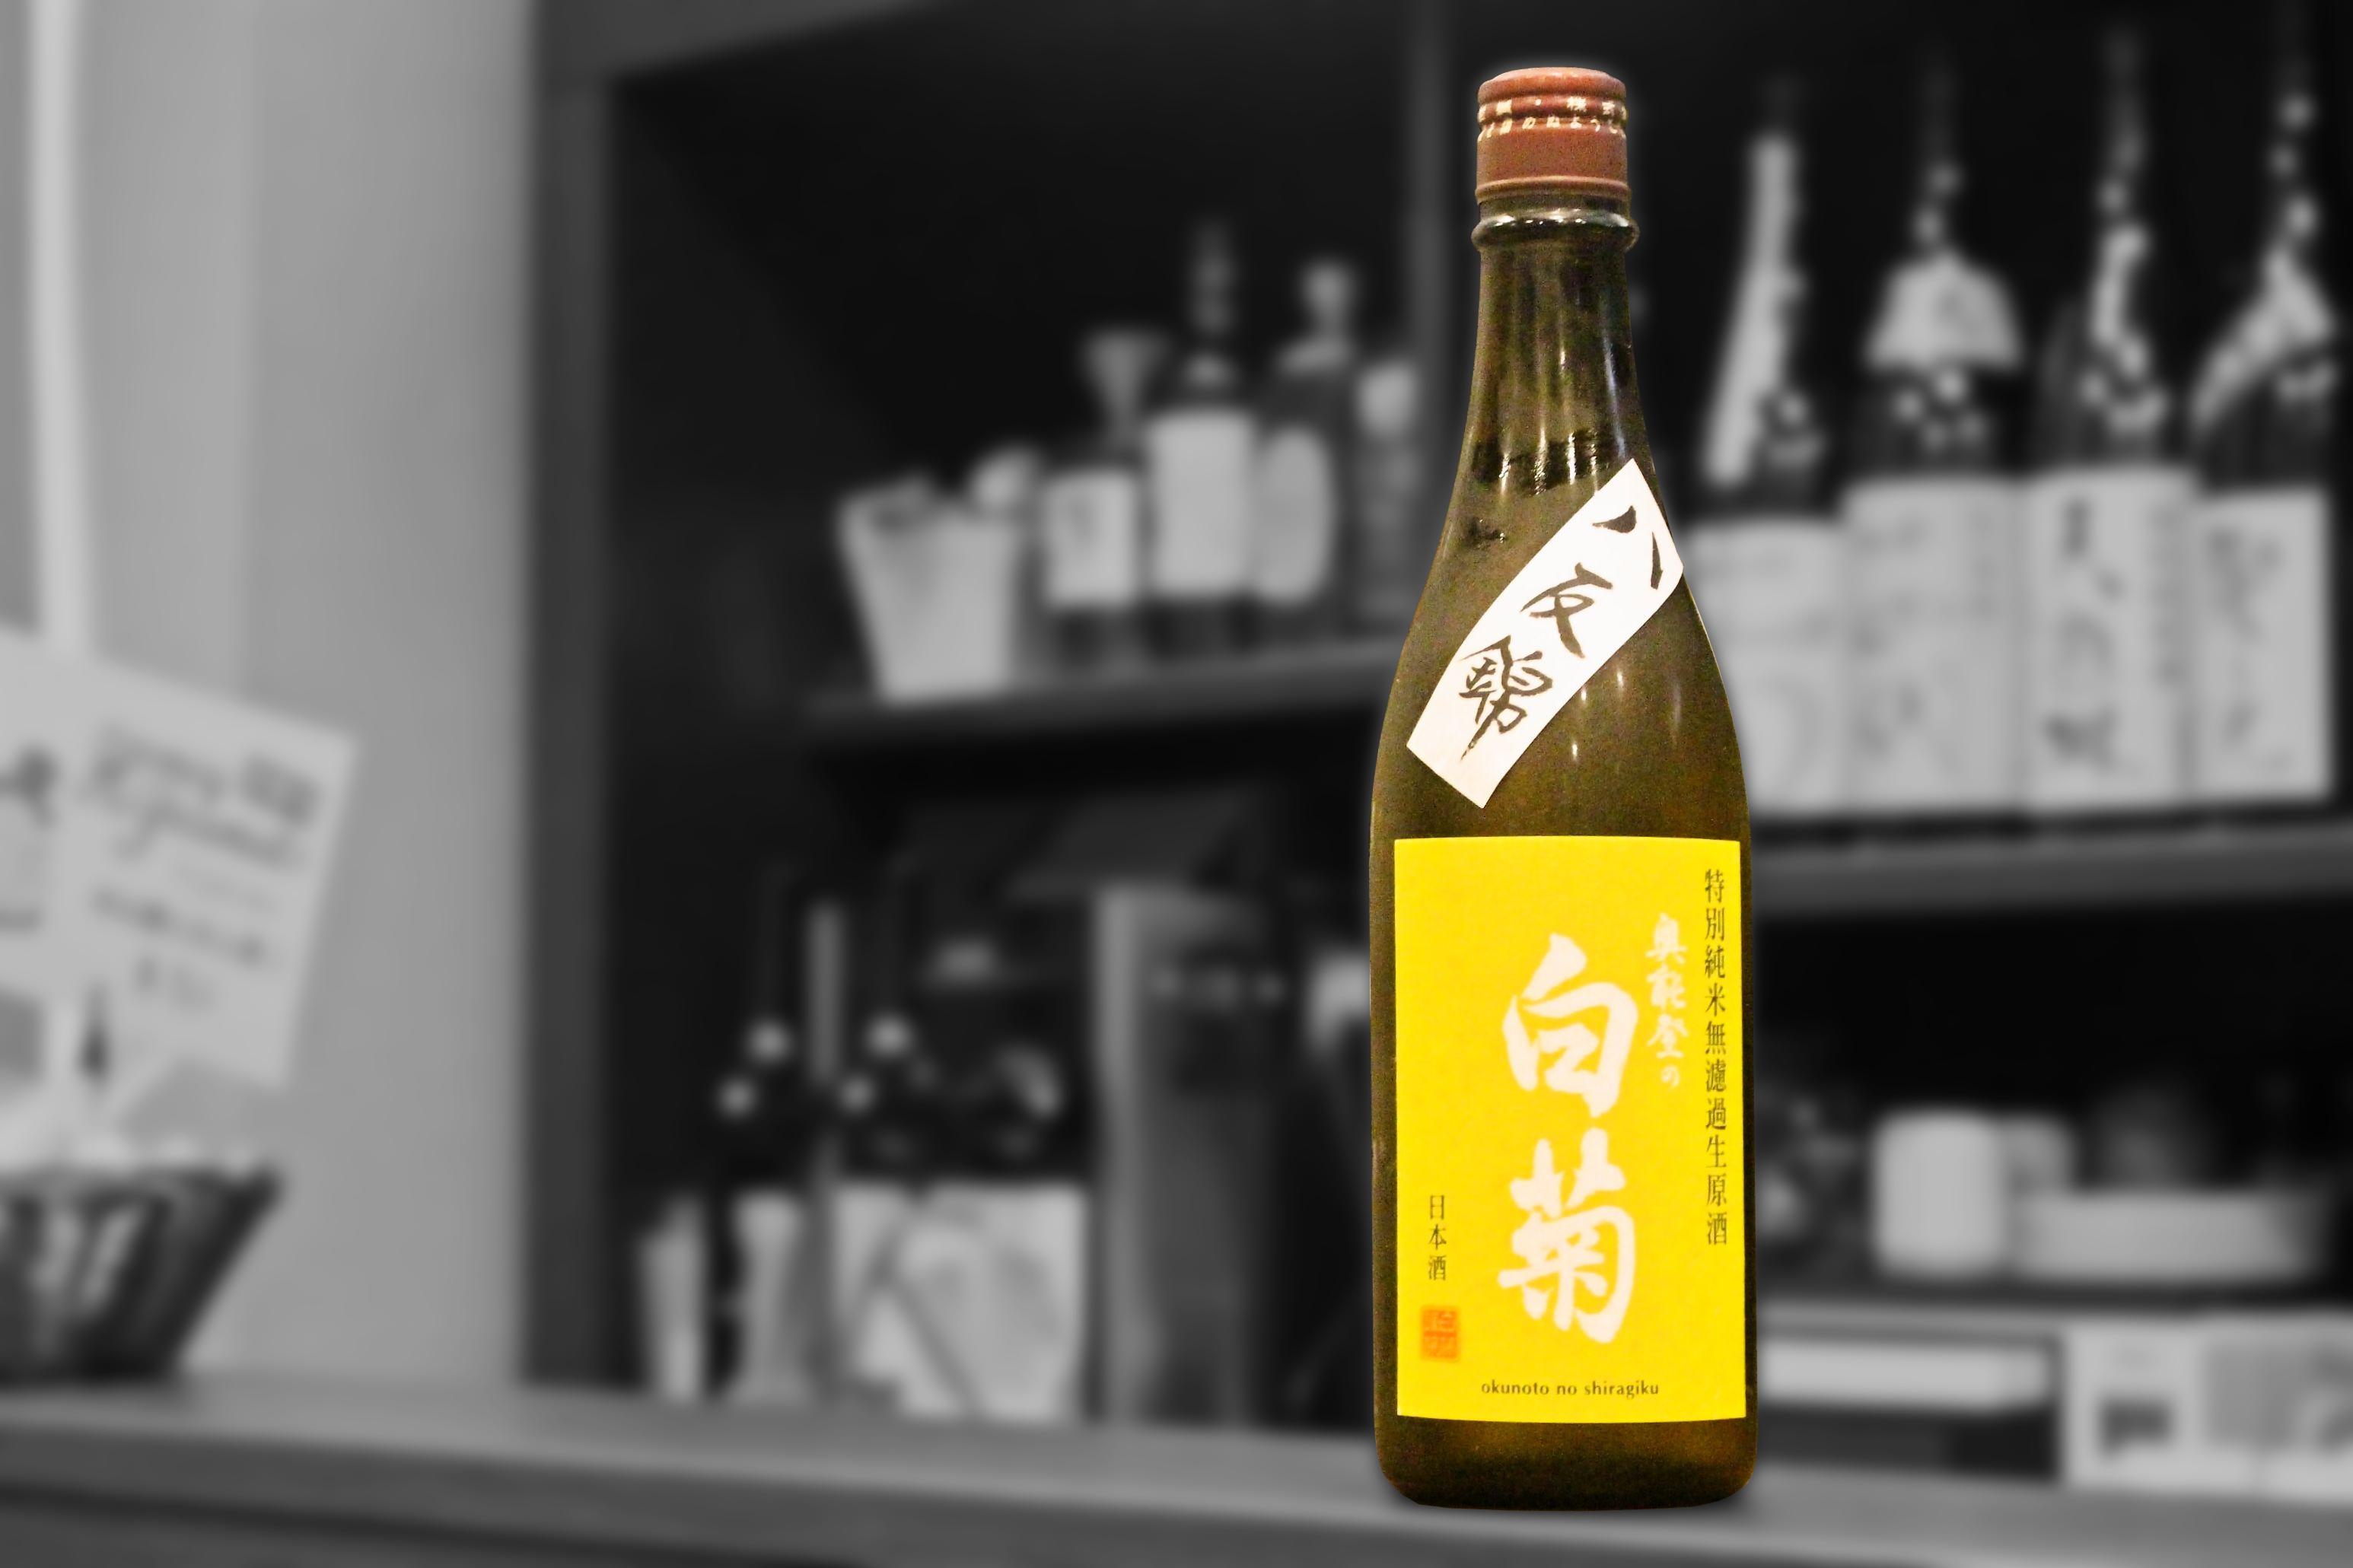 奥能登の白菊特別純米無濾過生原酒202104画像